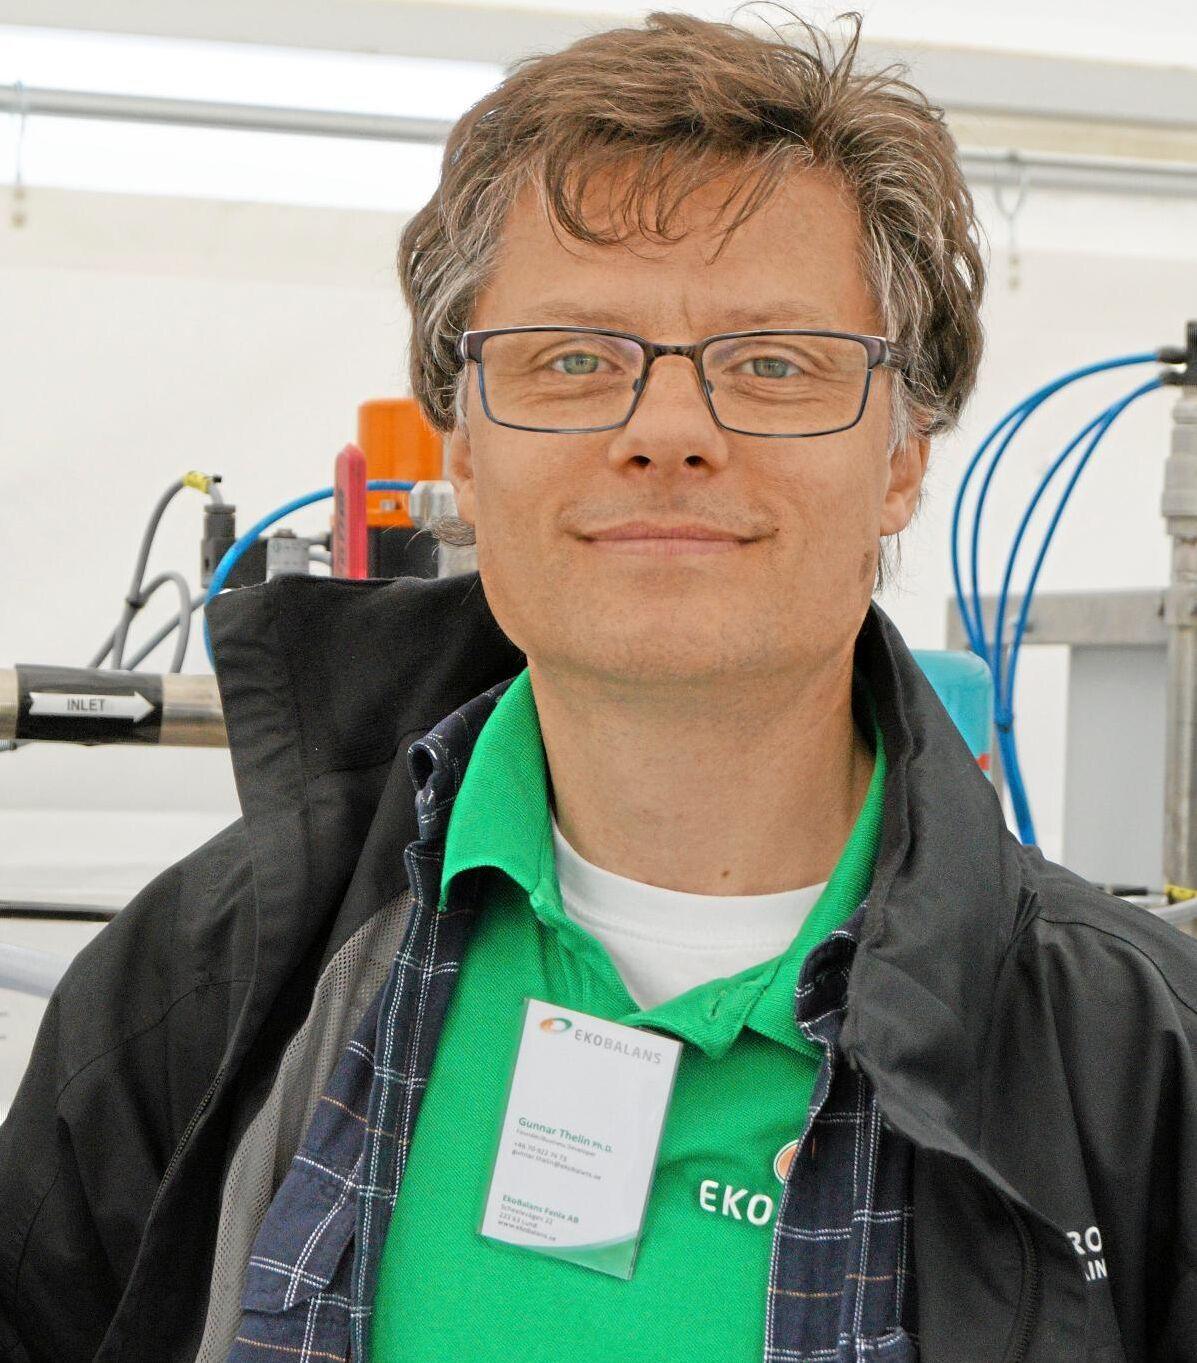 Gunnar Thelin, grundade Ekobalans Fenix. I dag har han en mindre ägarandel, bolaget finansieras av riskkapital.